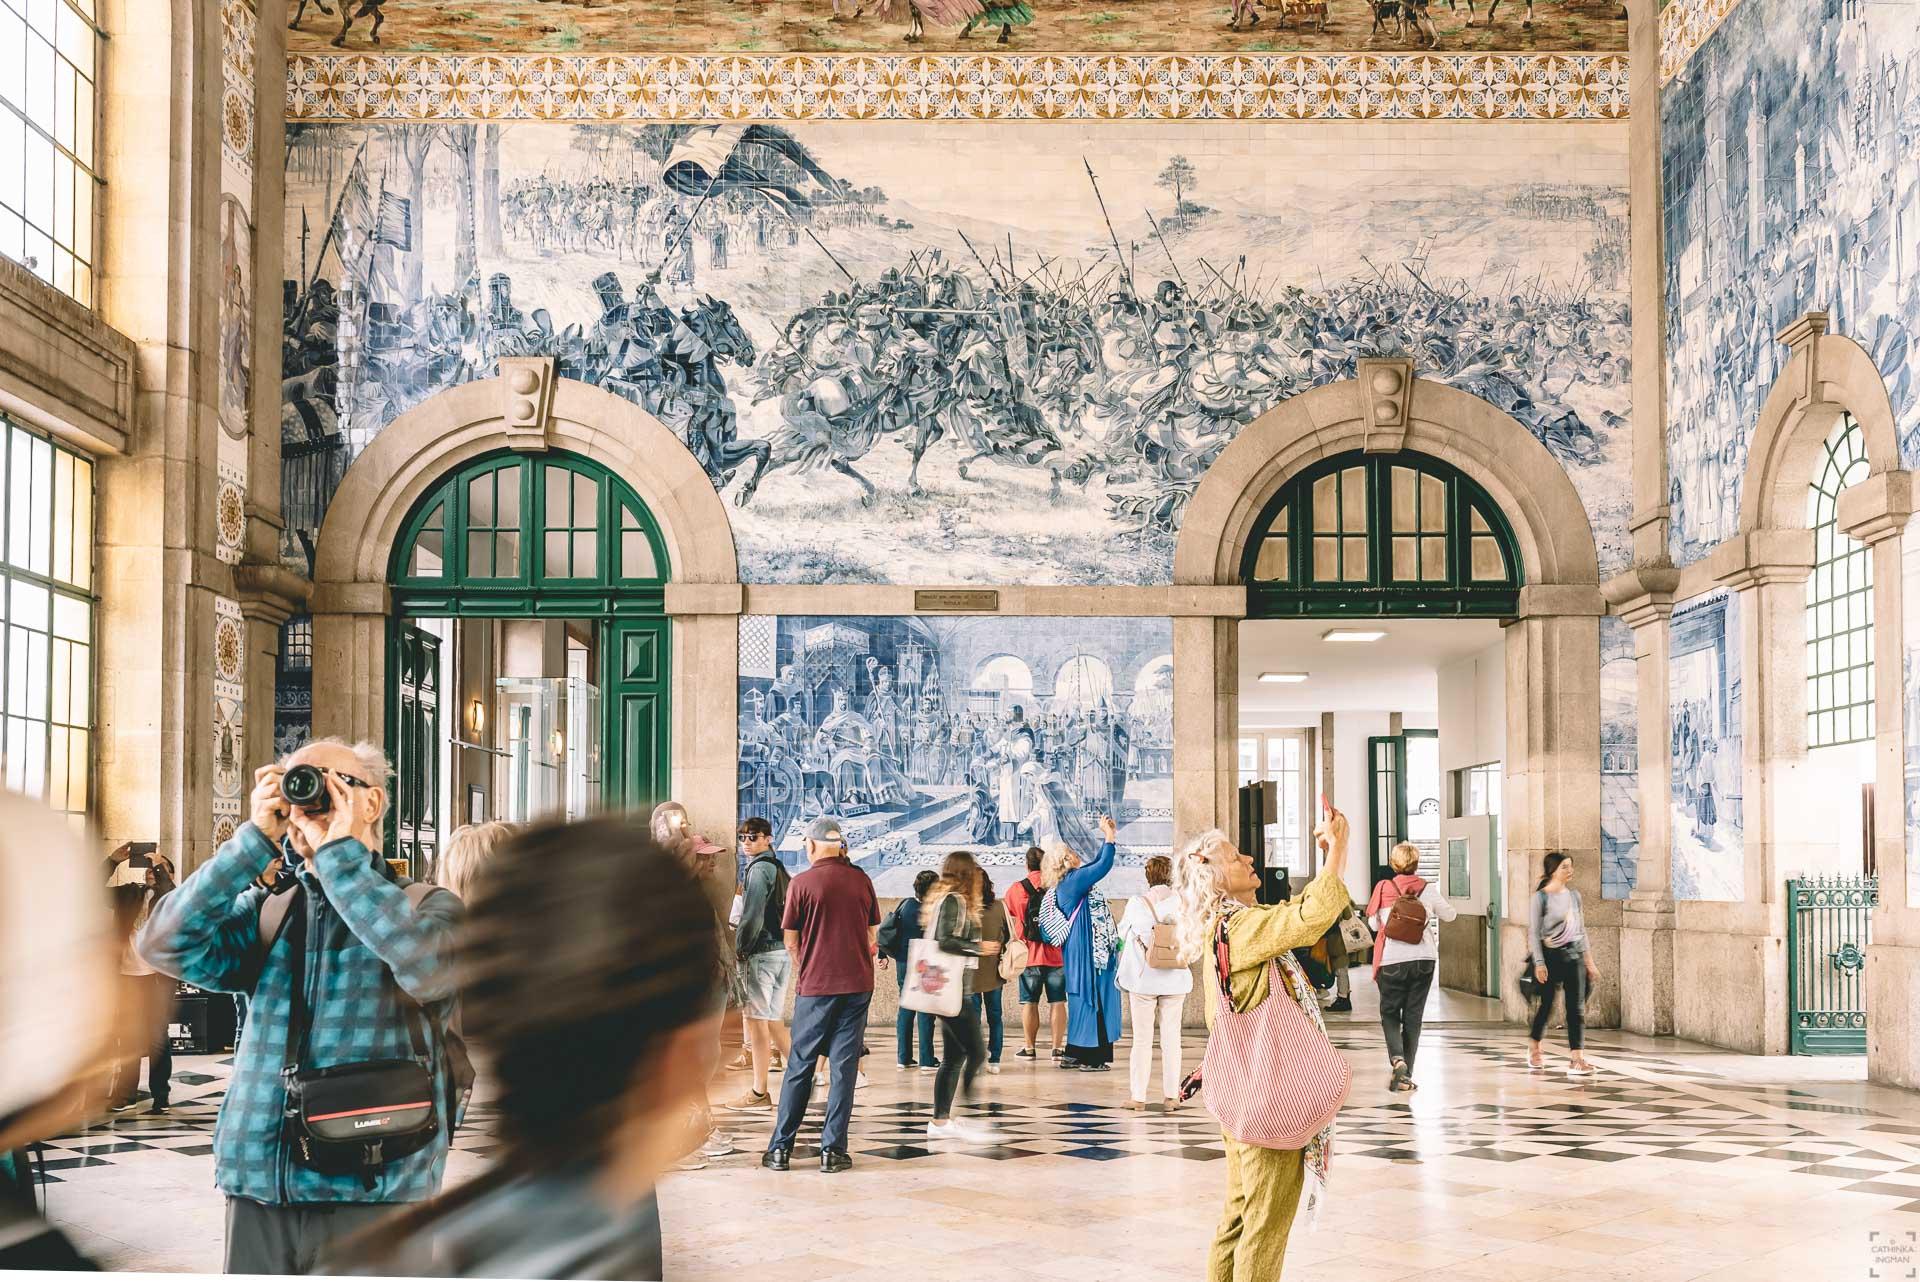 Sao Bento, en av världens vackraste tågstationer